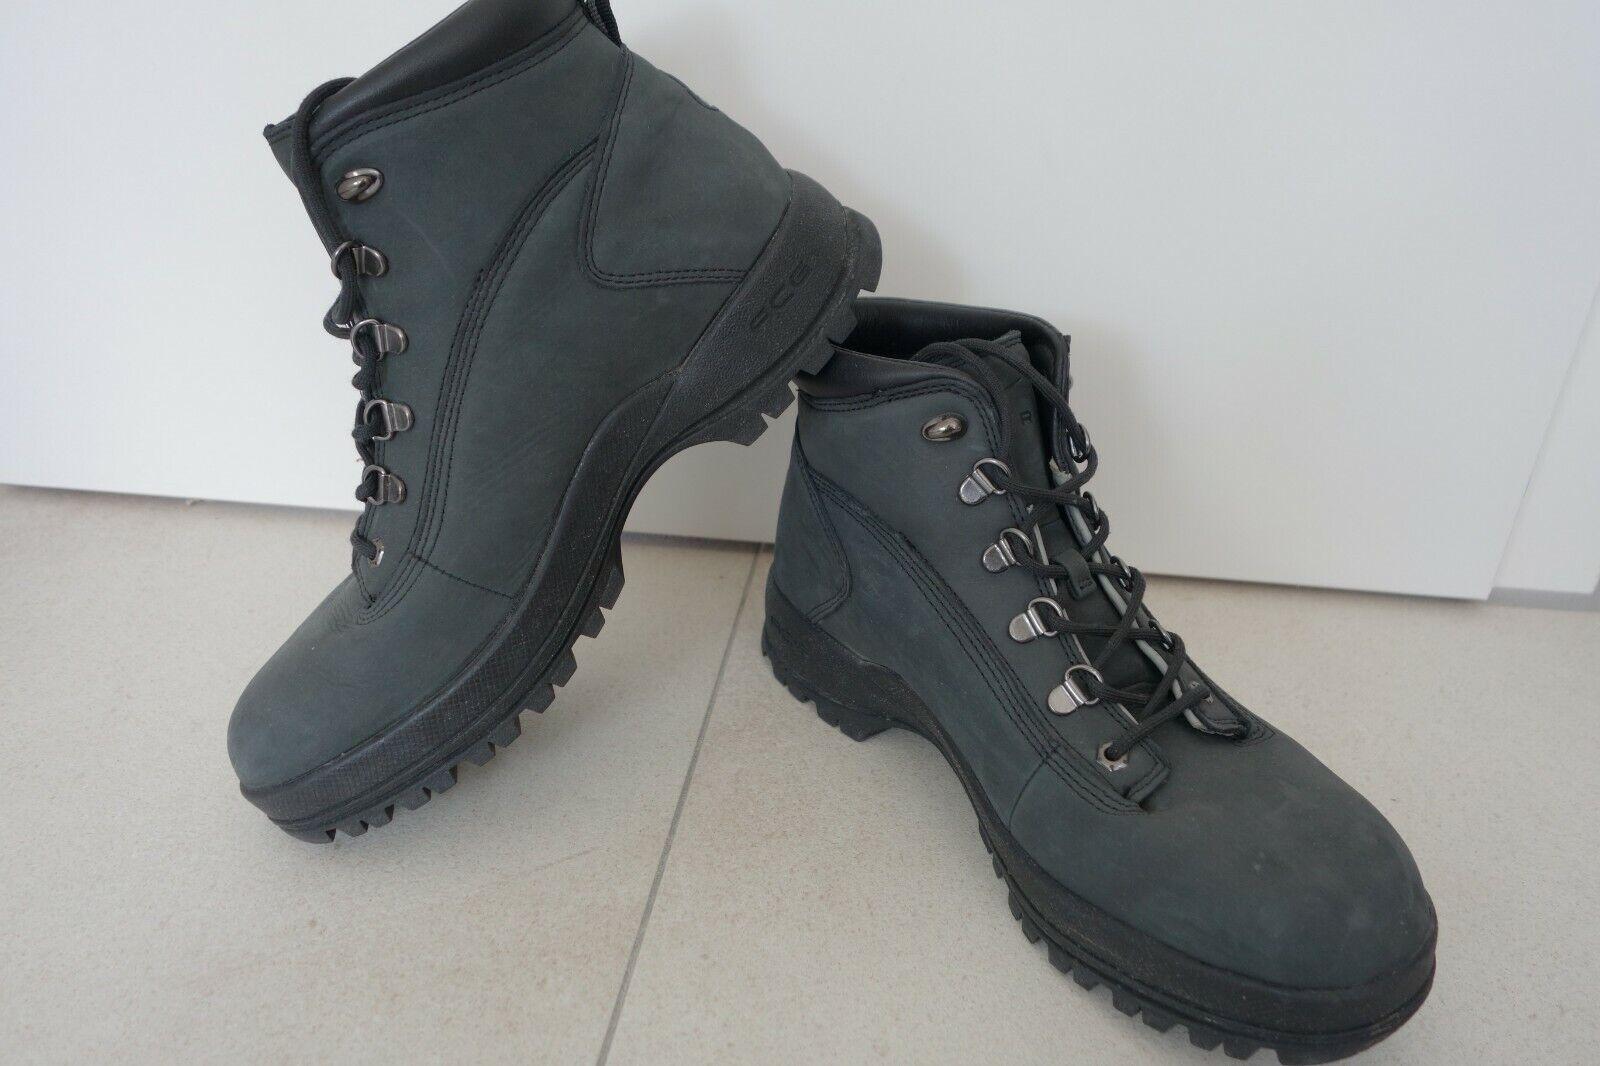 Nike Karst Stiefel grau US 9   EU 42,5 gebraucht, gut erhalten